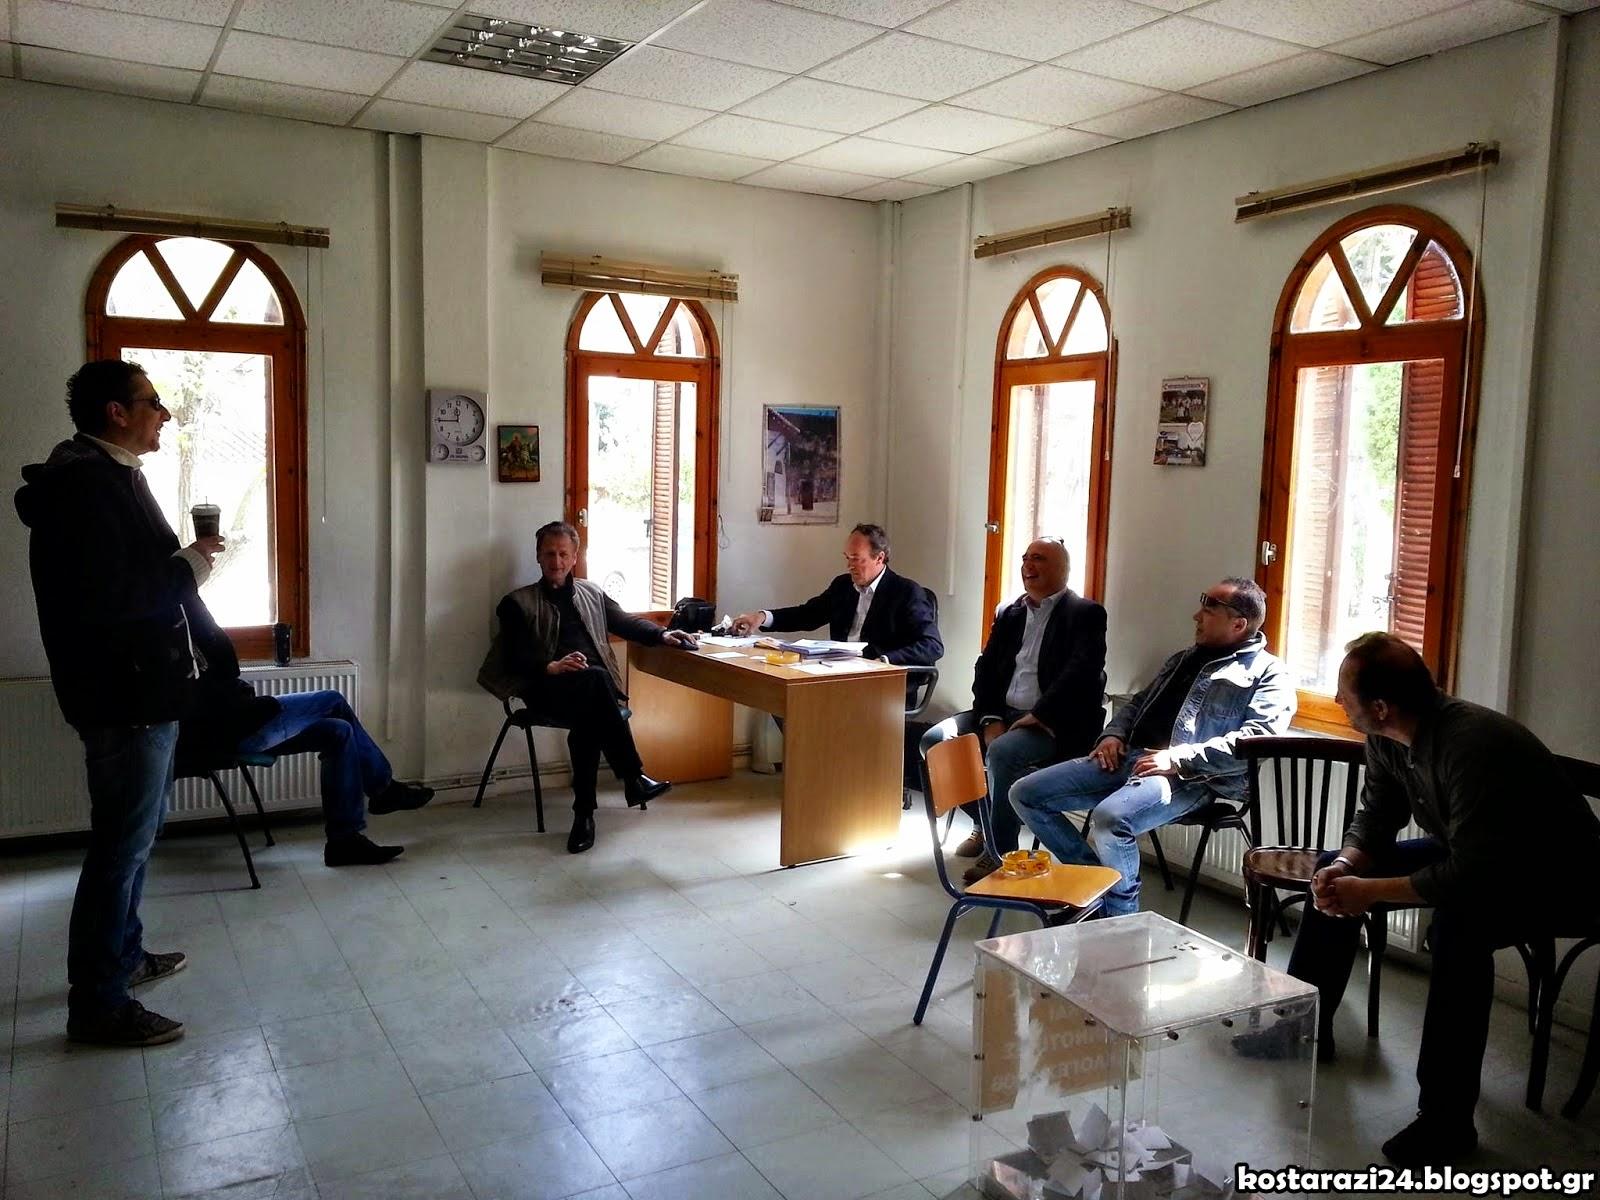 Οι εκλογές της Σκοπευτικής Λέσχης Κωσταραζίου (φωτογραφίες)